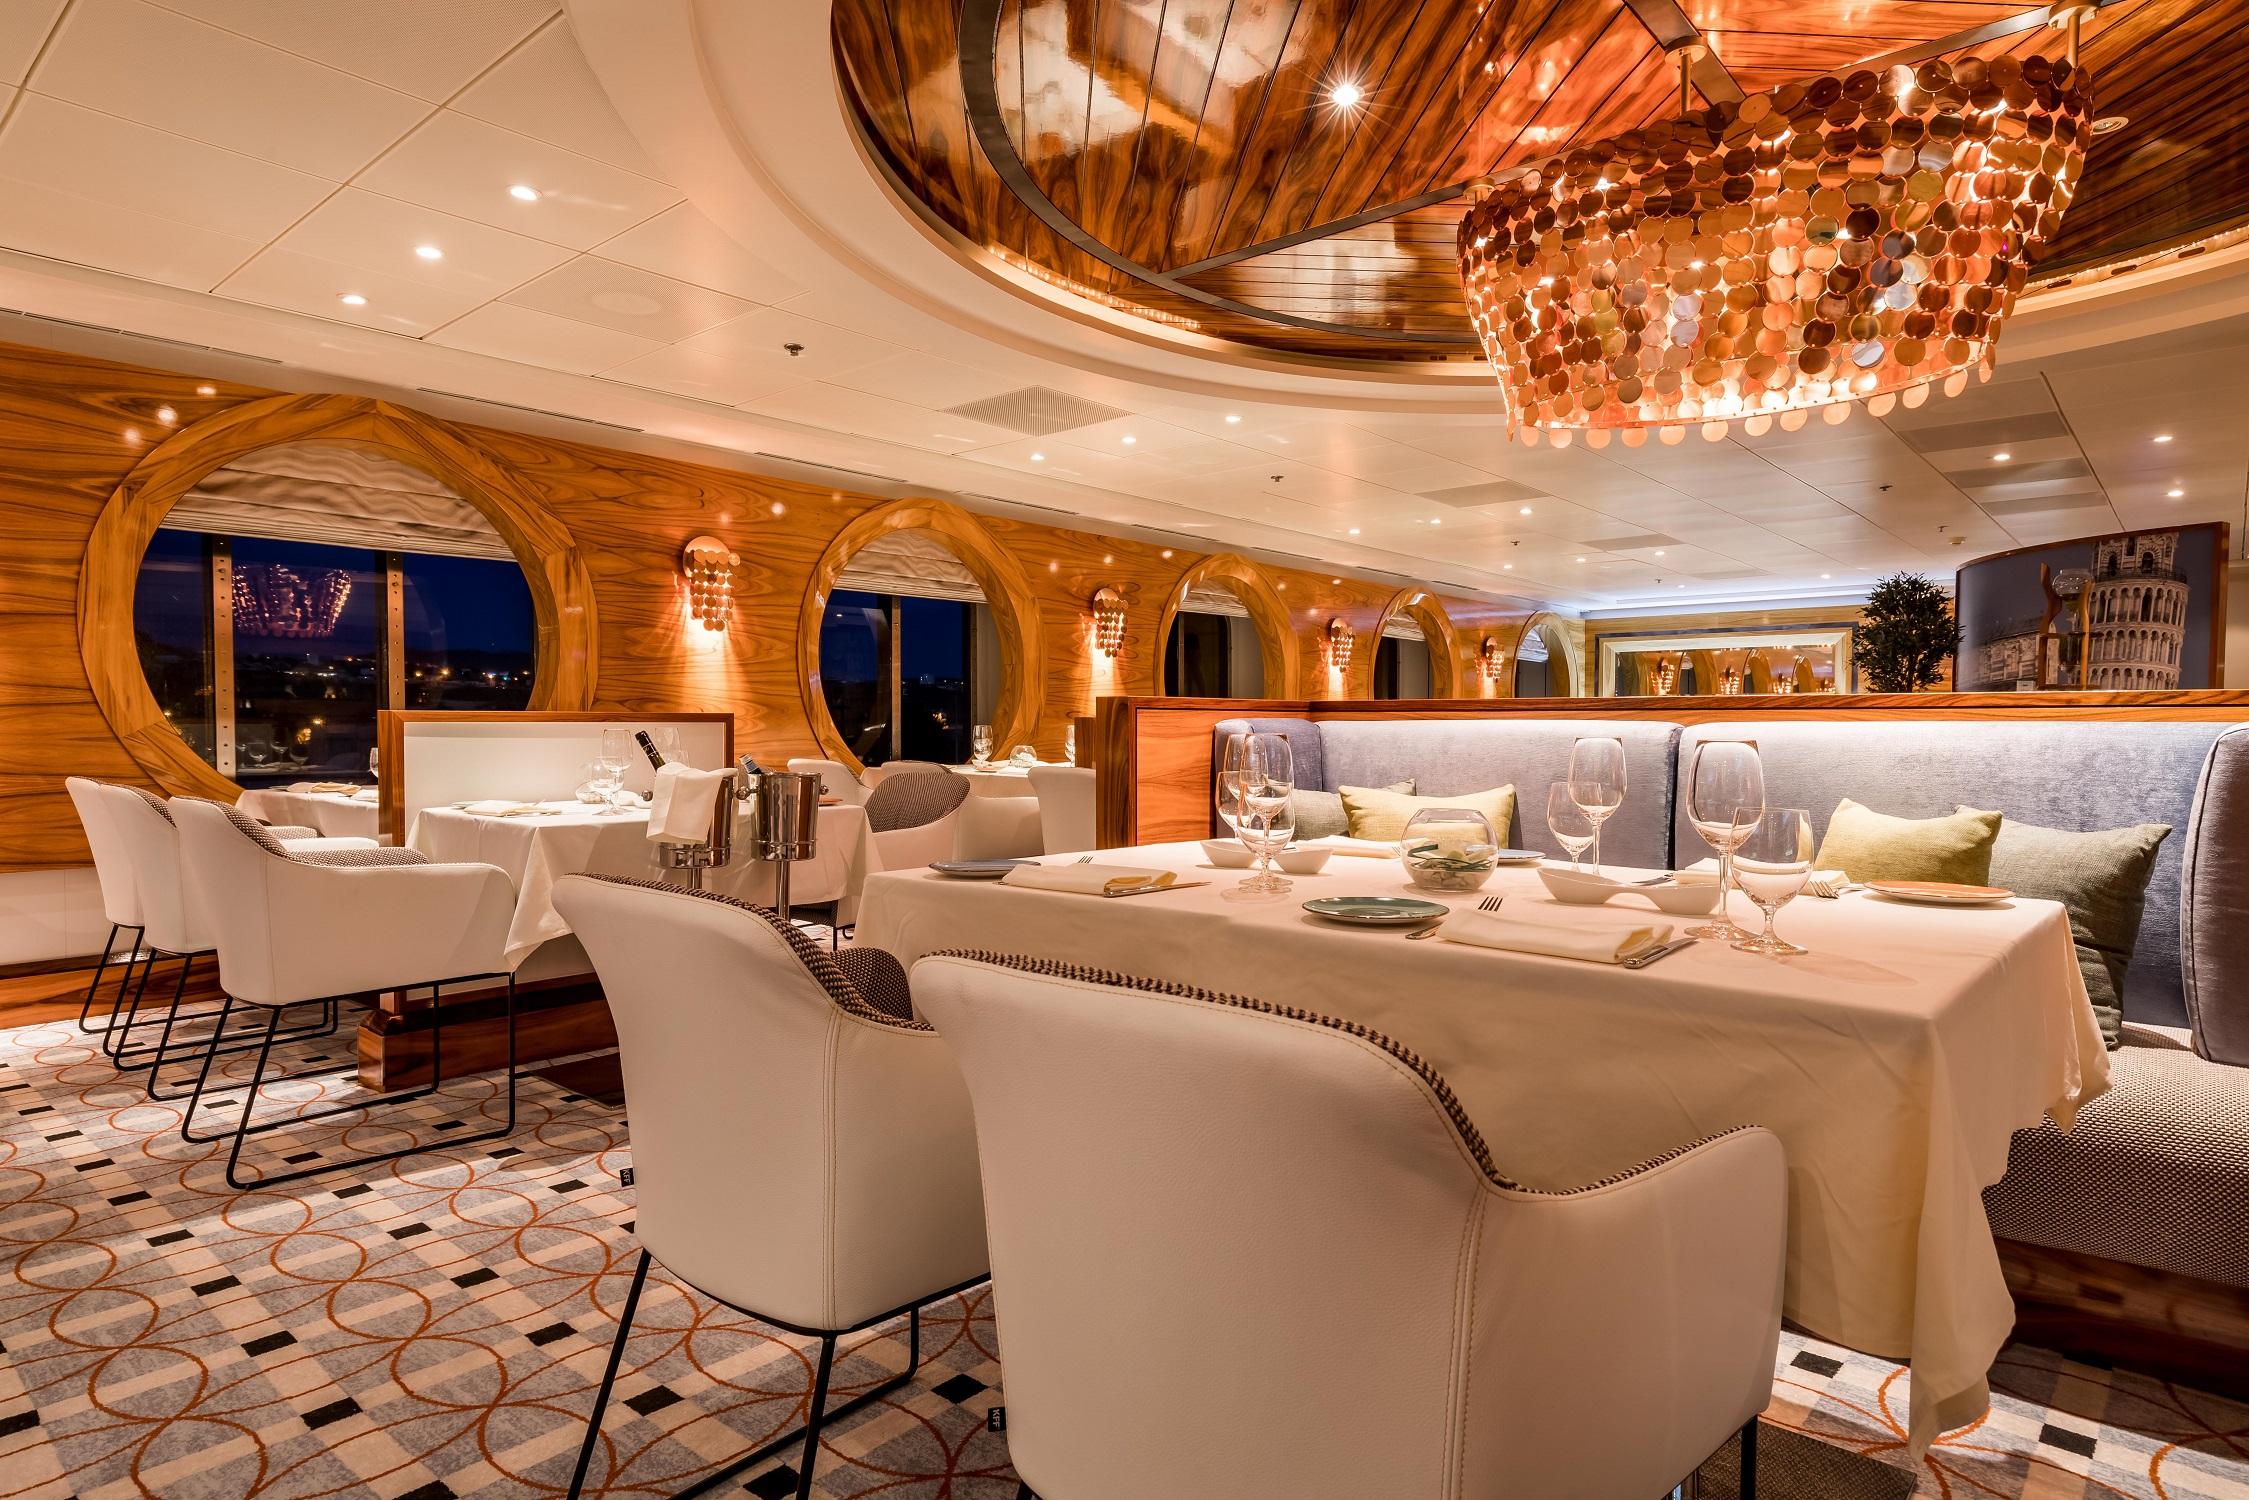 Das Restaurant La Spezia auf der Mein Schiff Herz